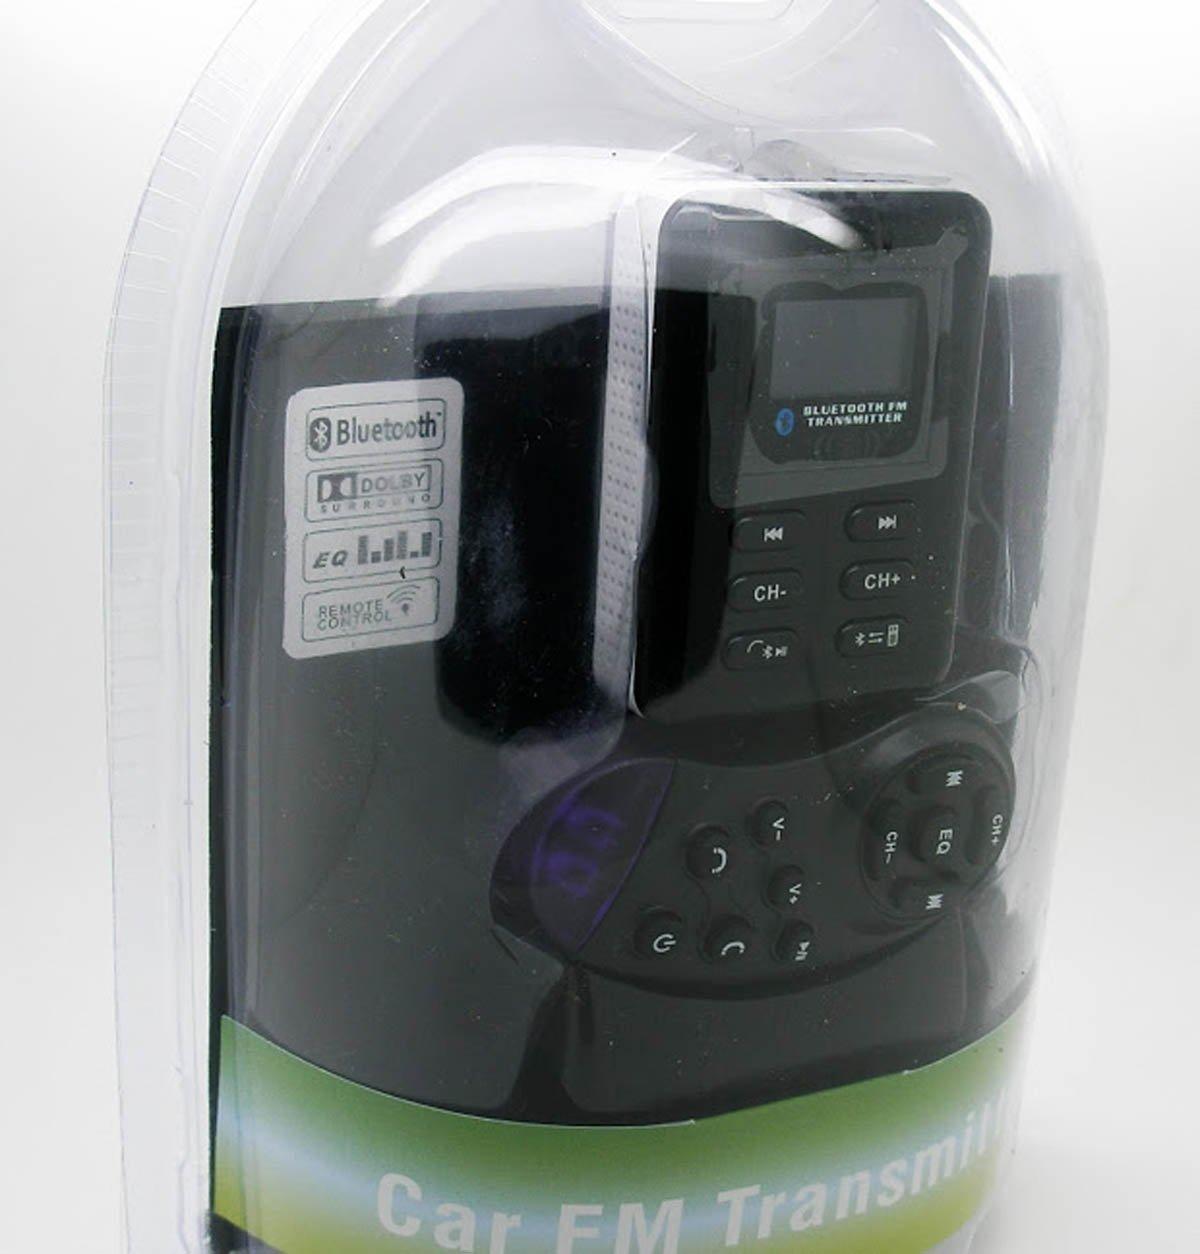 Reproductor Transmisor Lector MP3 con Manos Libres Bluetooth FM y mando adaptable al volante del coche 2681 - Electrónica Revisión del cliente y más noticias